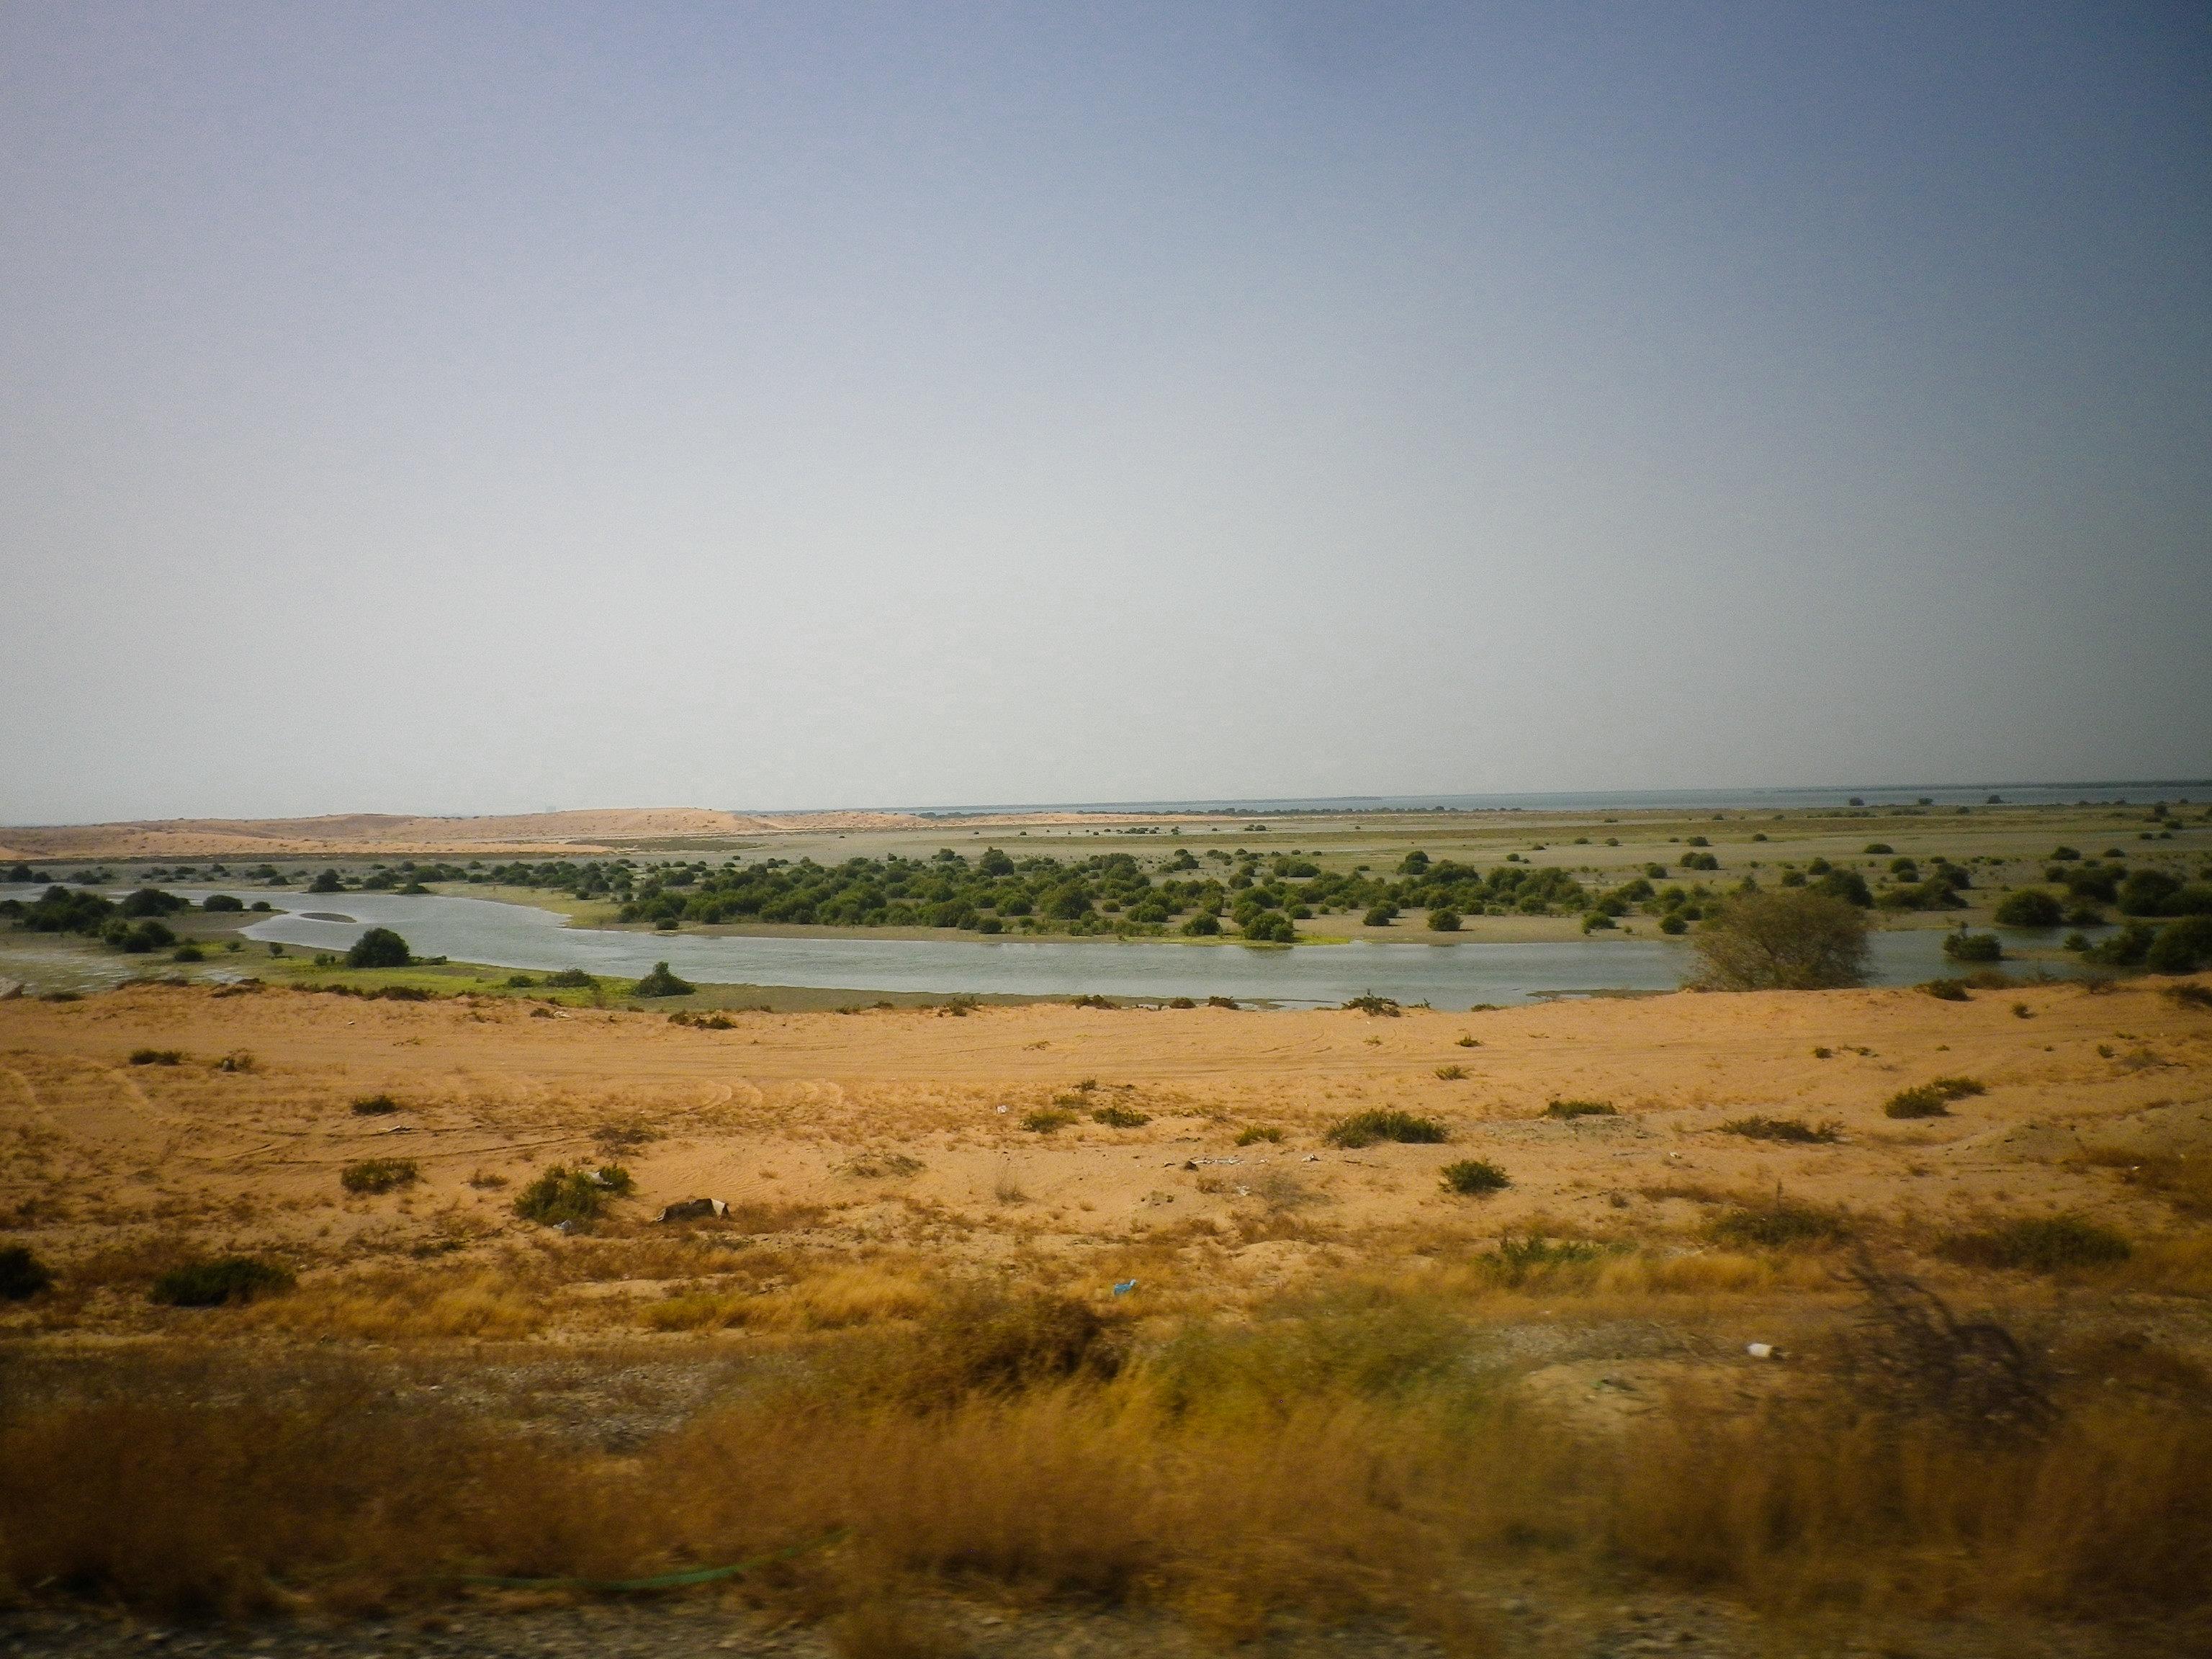 Marsh in Umm al Quwain